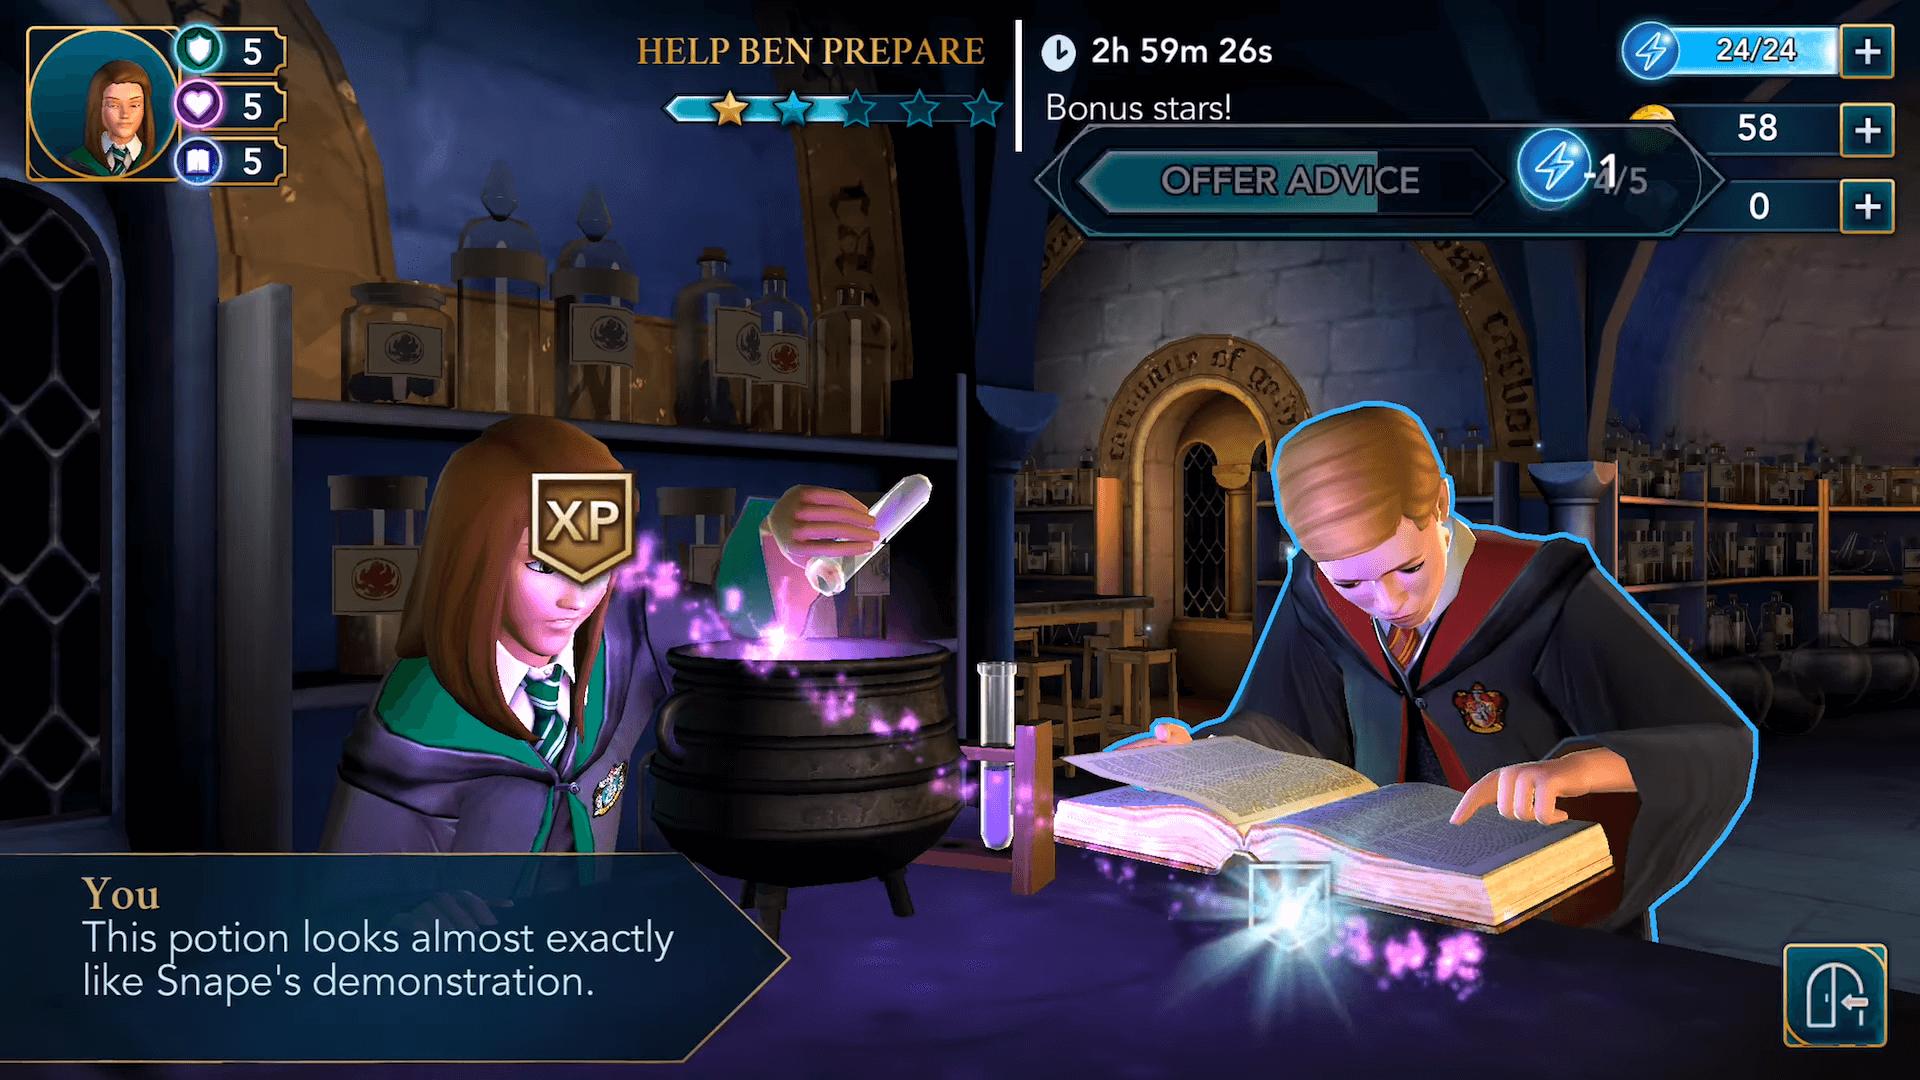 Harry potter: hogwarts mystery é finalmente lançado para android e ios. A espera acabou! O jogo mobile da maior franquia de bruxos, harry potter: hogwarts mystery, finalmente está disponível para android e ios.